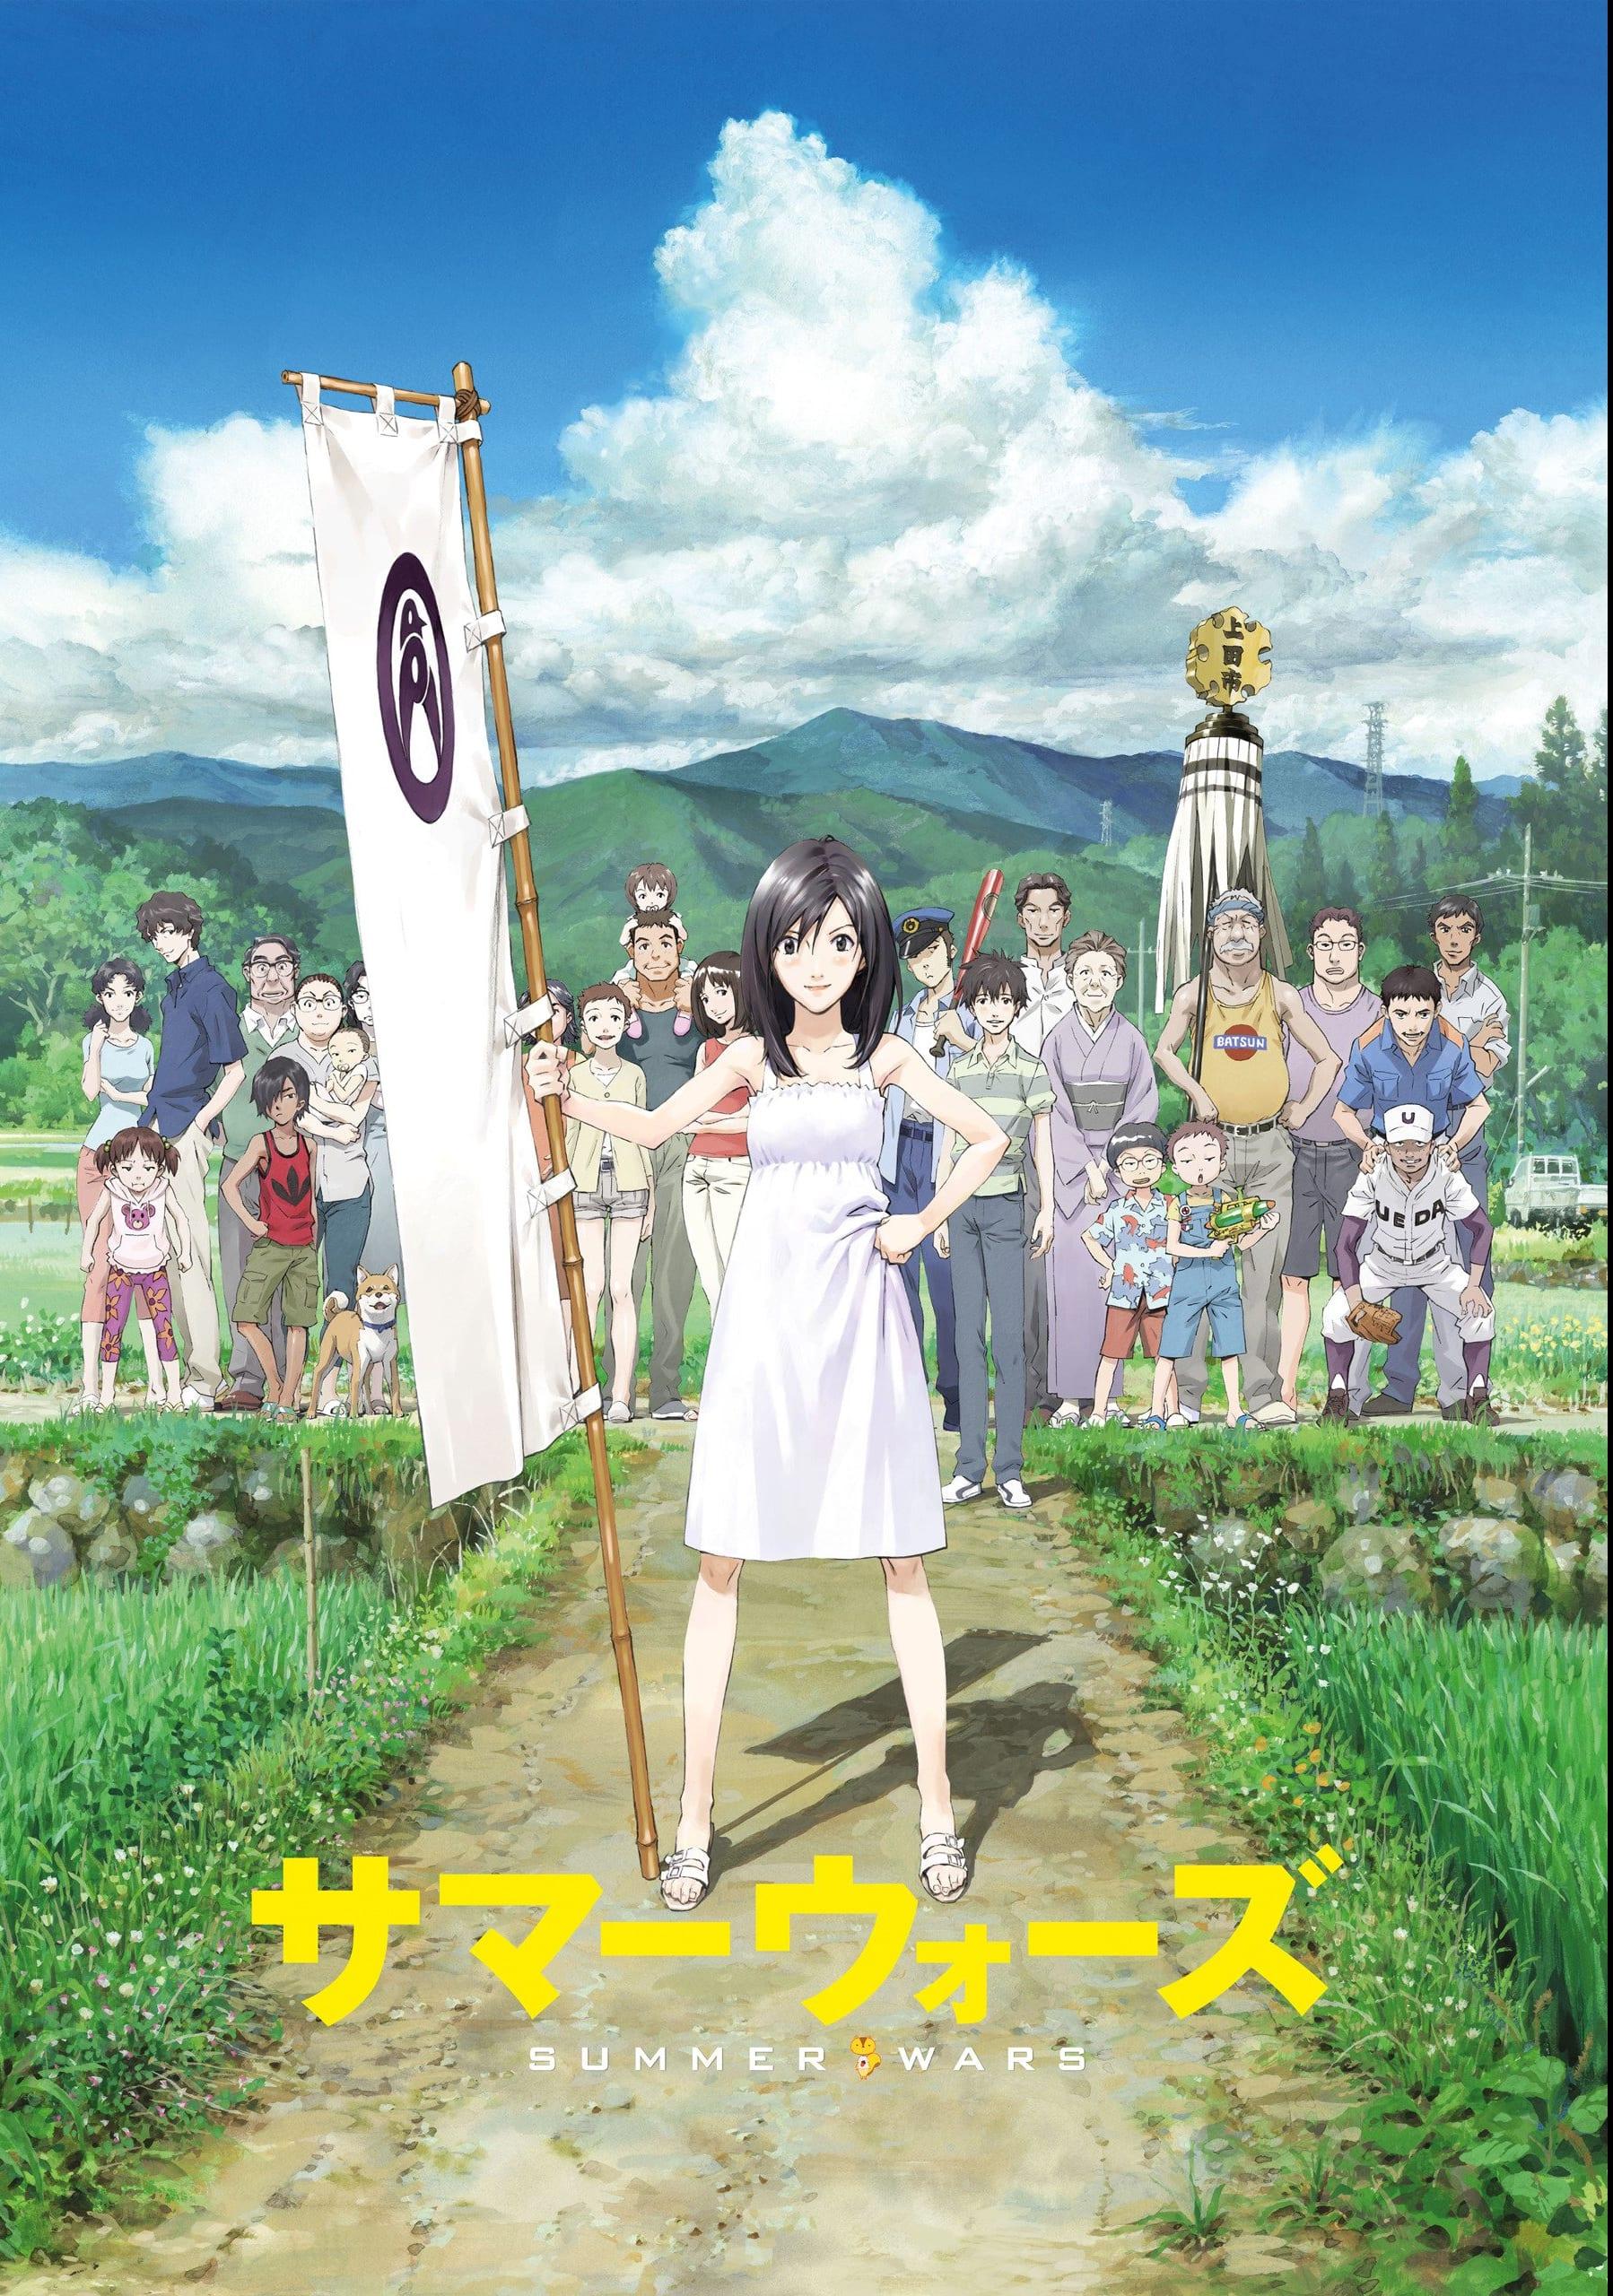 「サマーウォーズ」に続くのは?「1番好きな細田守監督のアニメ映画」500人アンケート